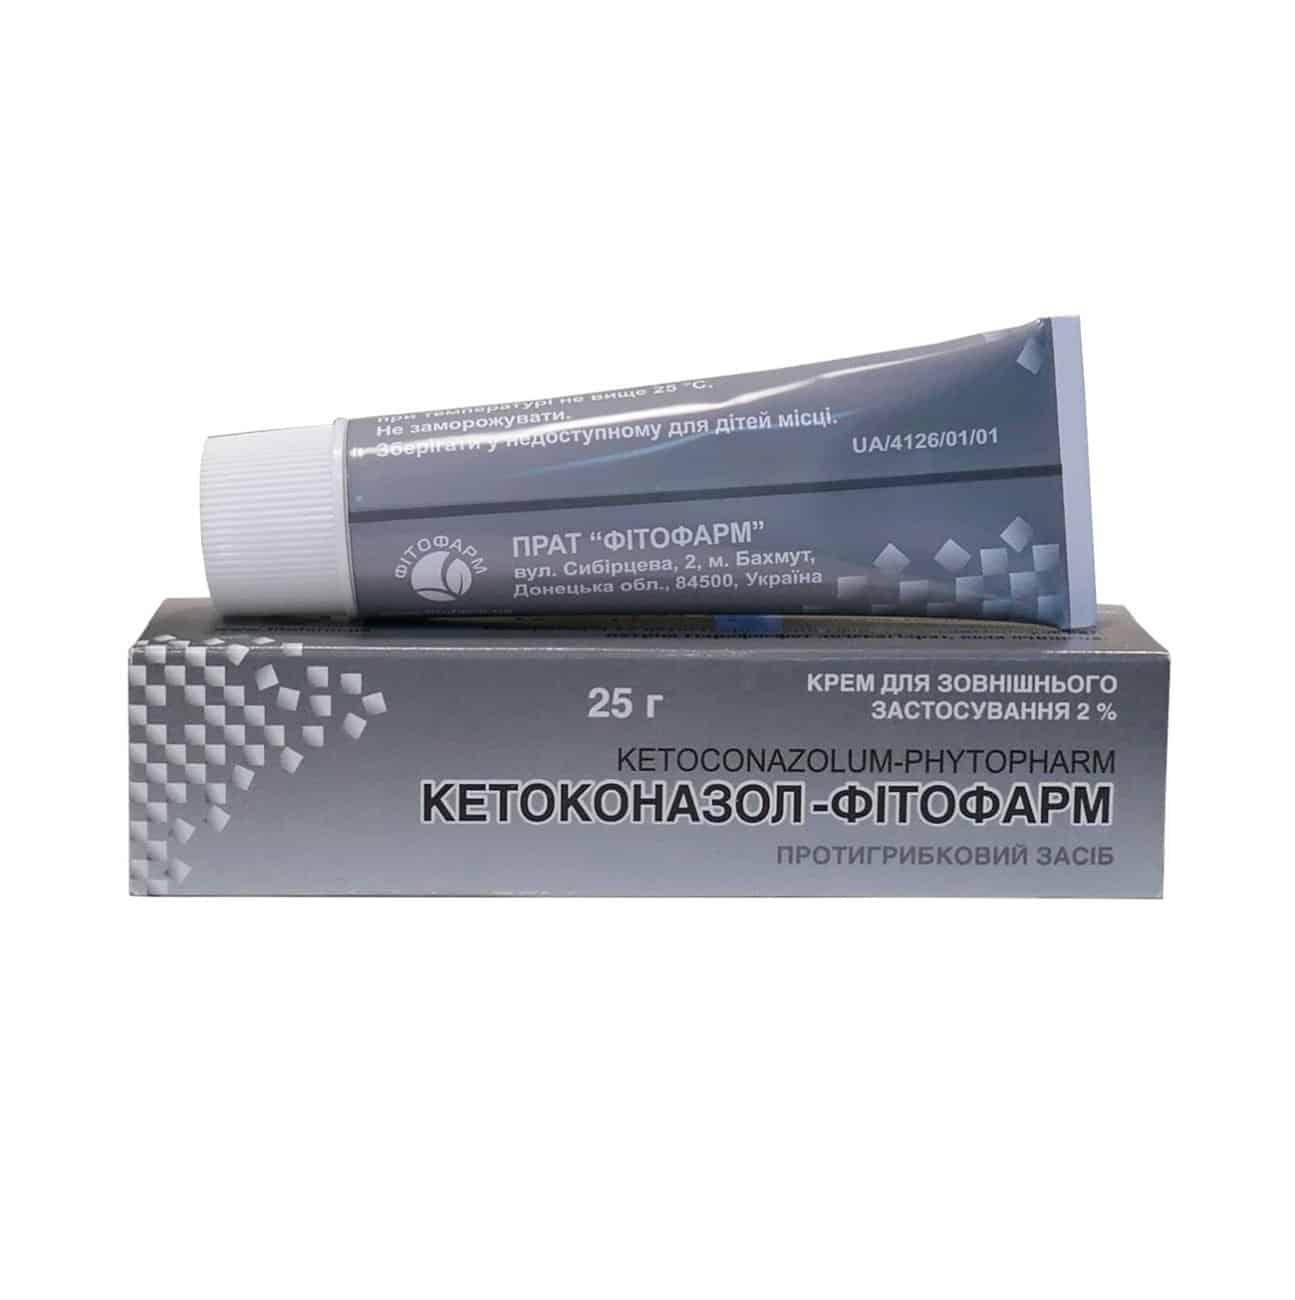 Ketoconazol-Fitofarm (ketoconazole) cream 2% 25 g.